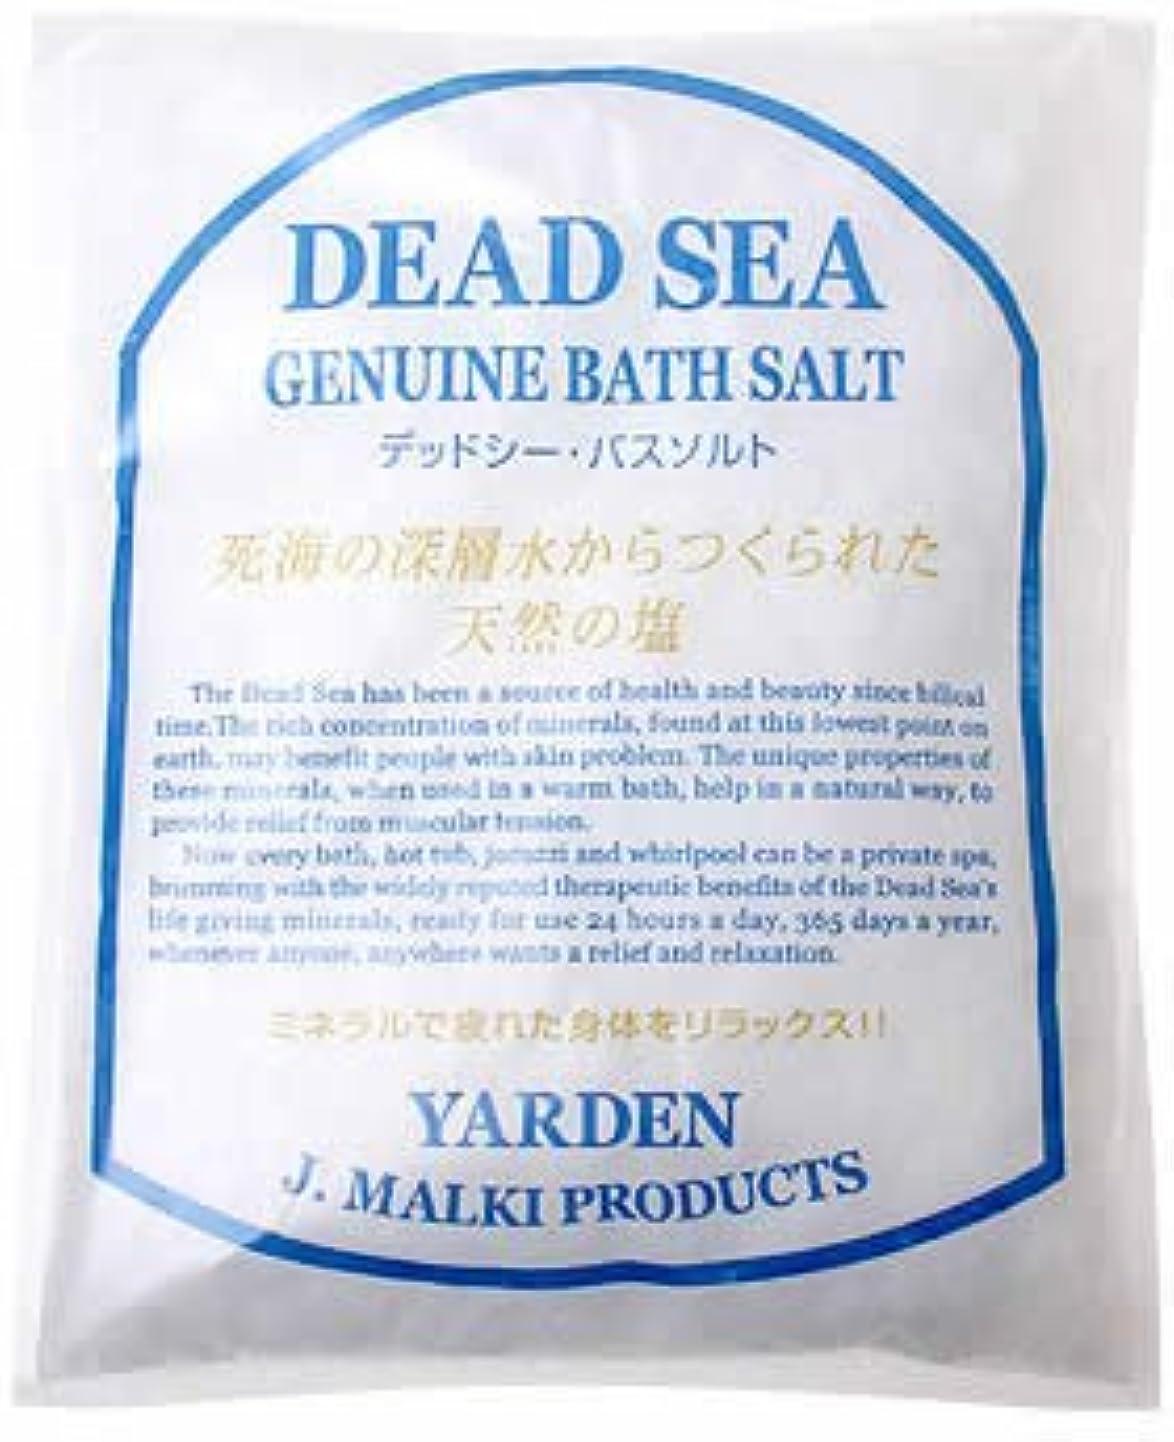 知り合い言い換えると思い出させるJ.M デッドシー?バスソルト(GENUINE BATH SALT) 100g